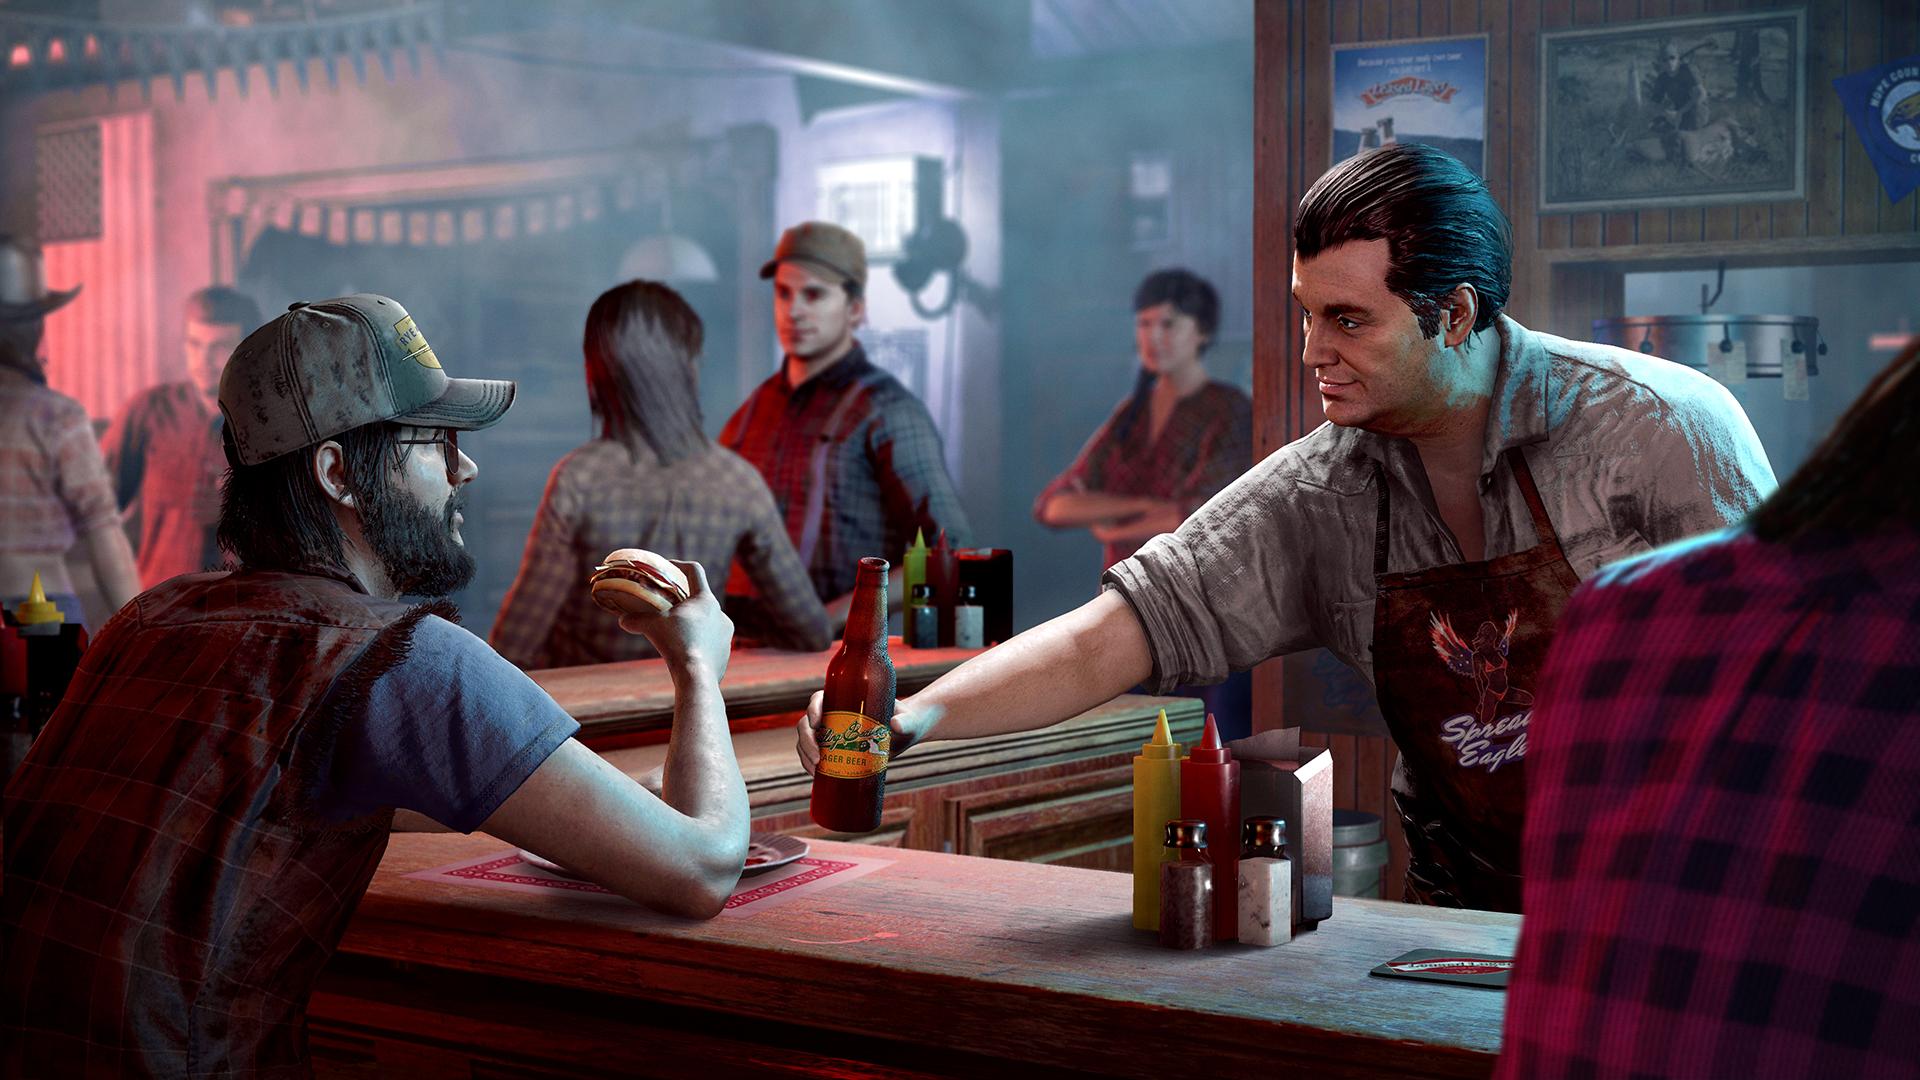 جدول فروش هفتگی بریتانیا | سلطنت به سبک Far Cry 5